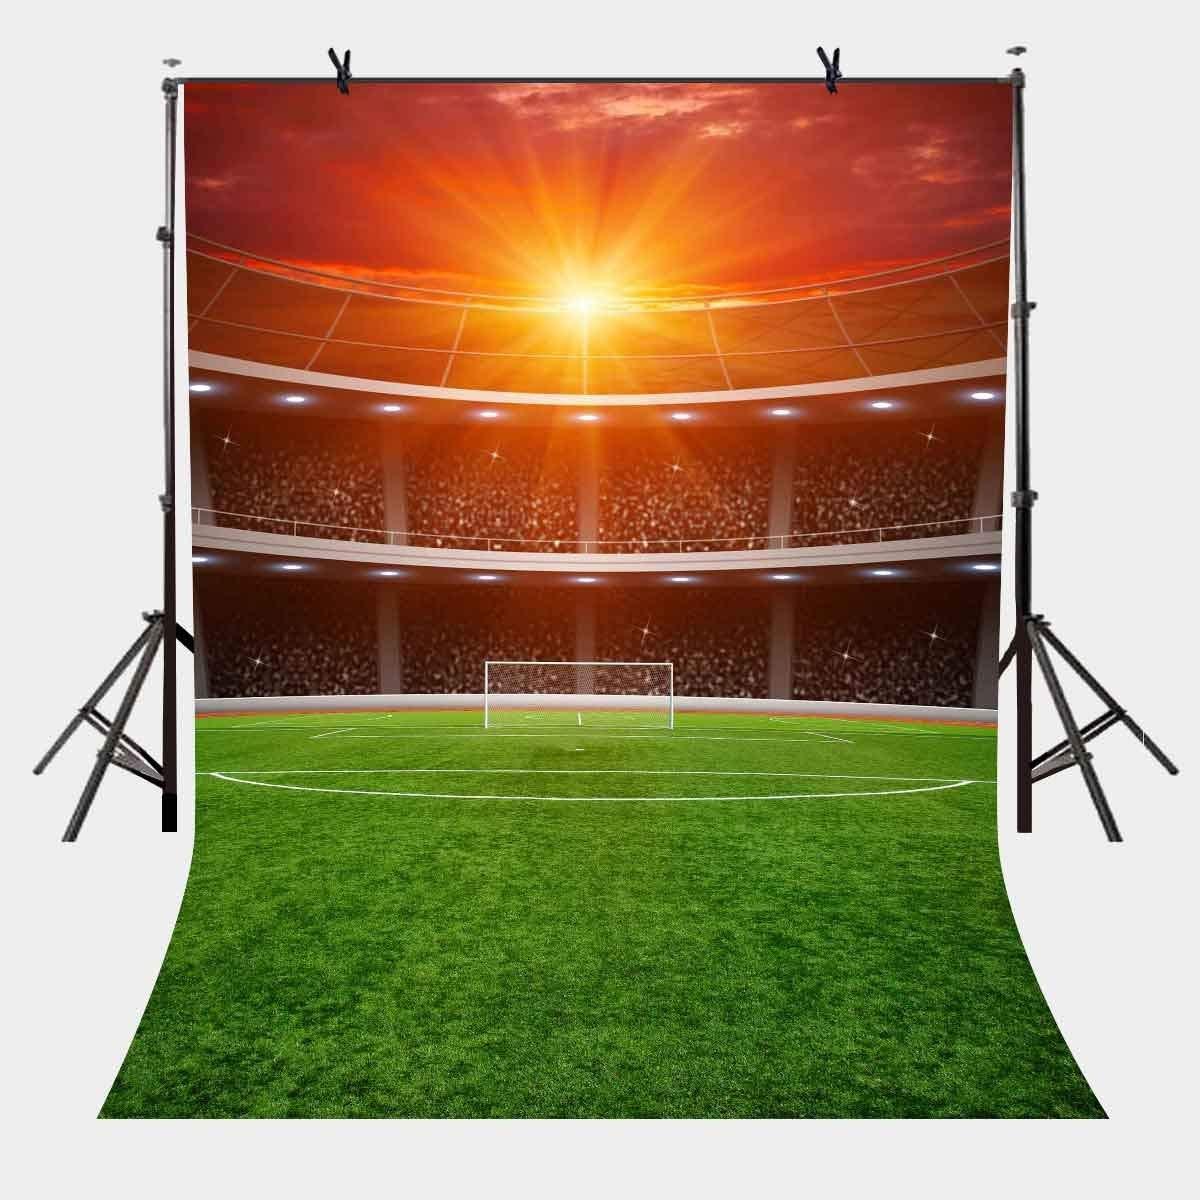 Cheap Cartoon Football Field Find Cartoon Football Field Deals On